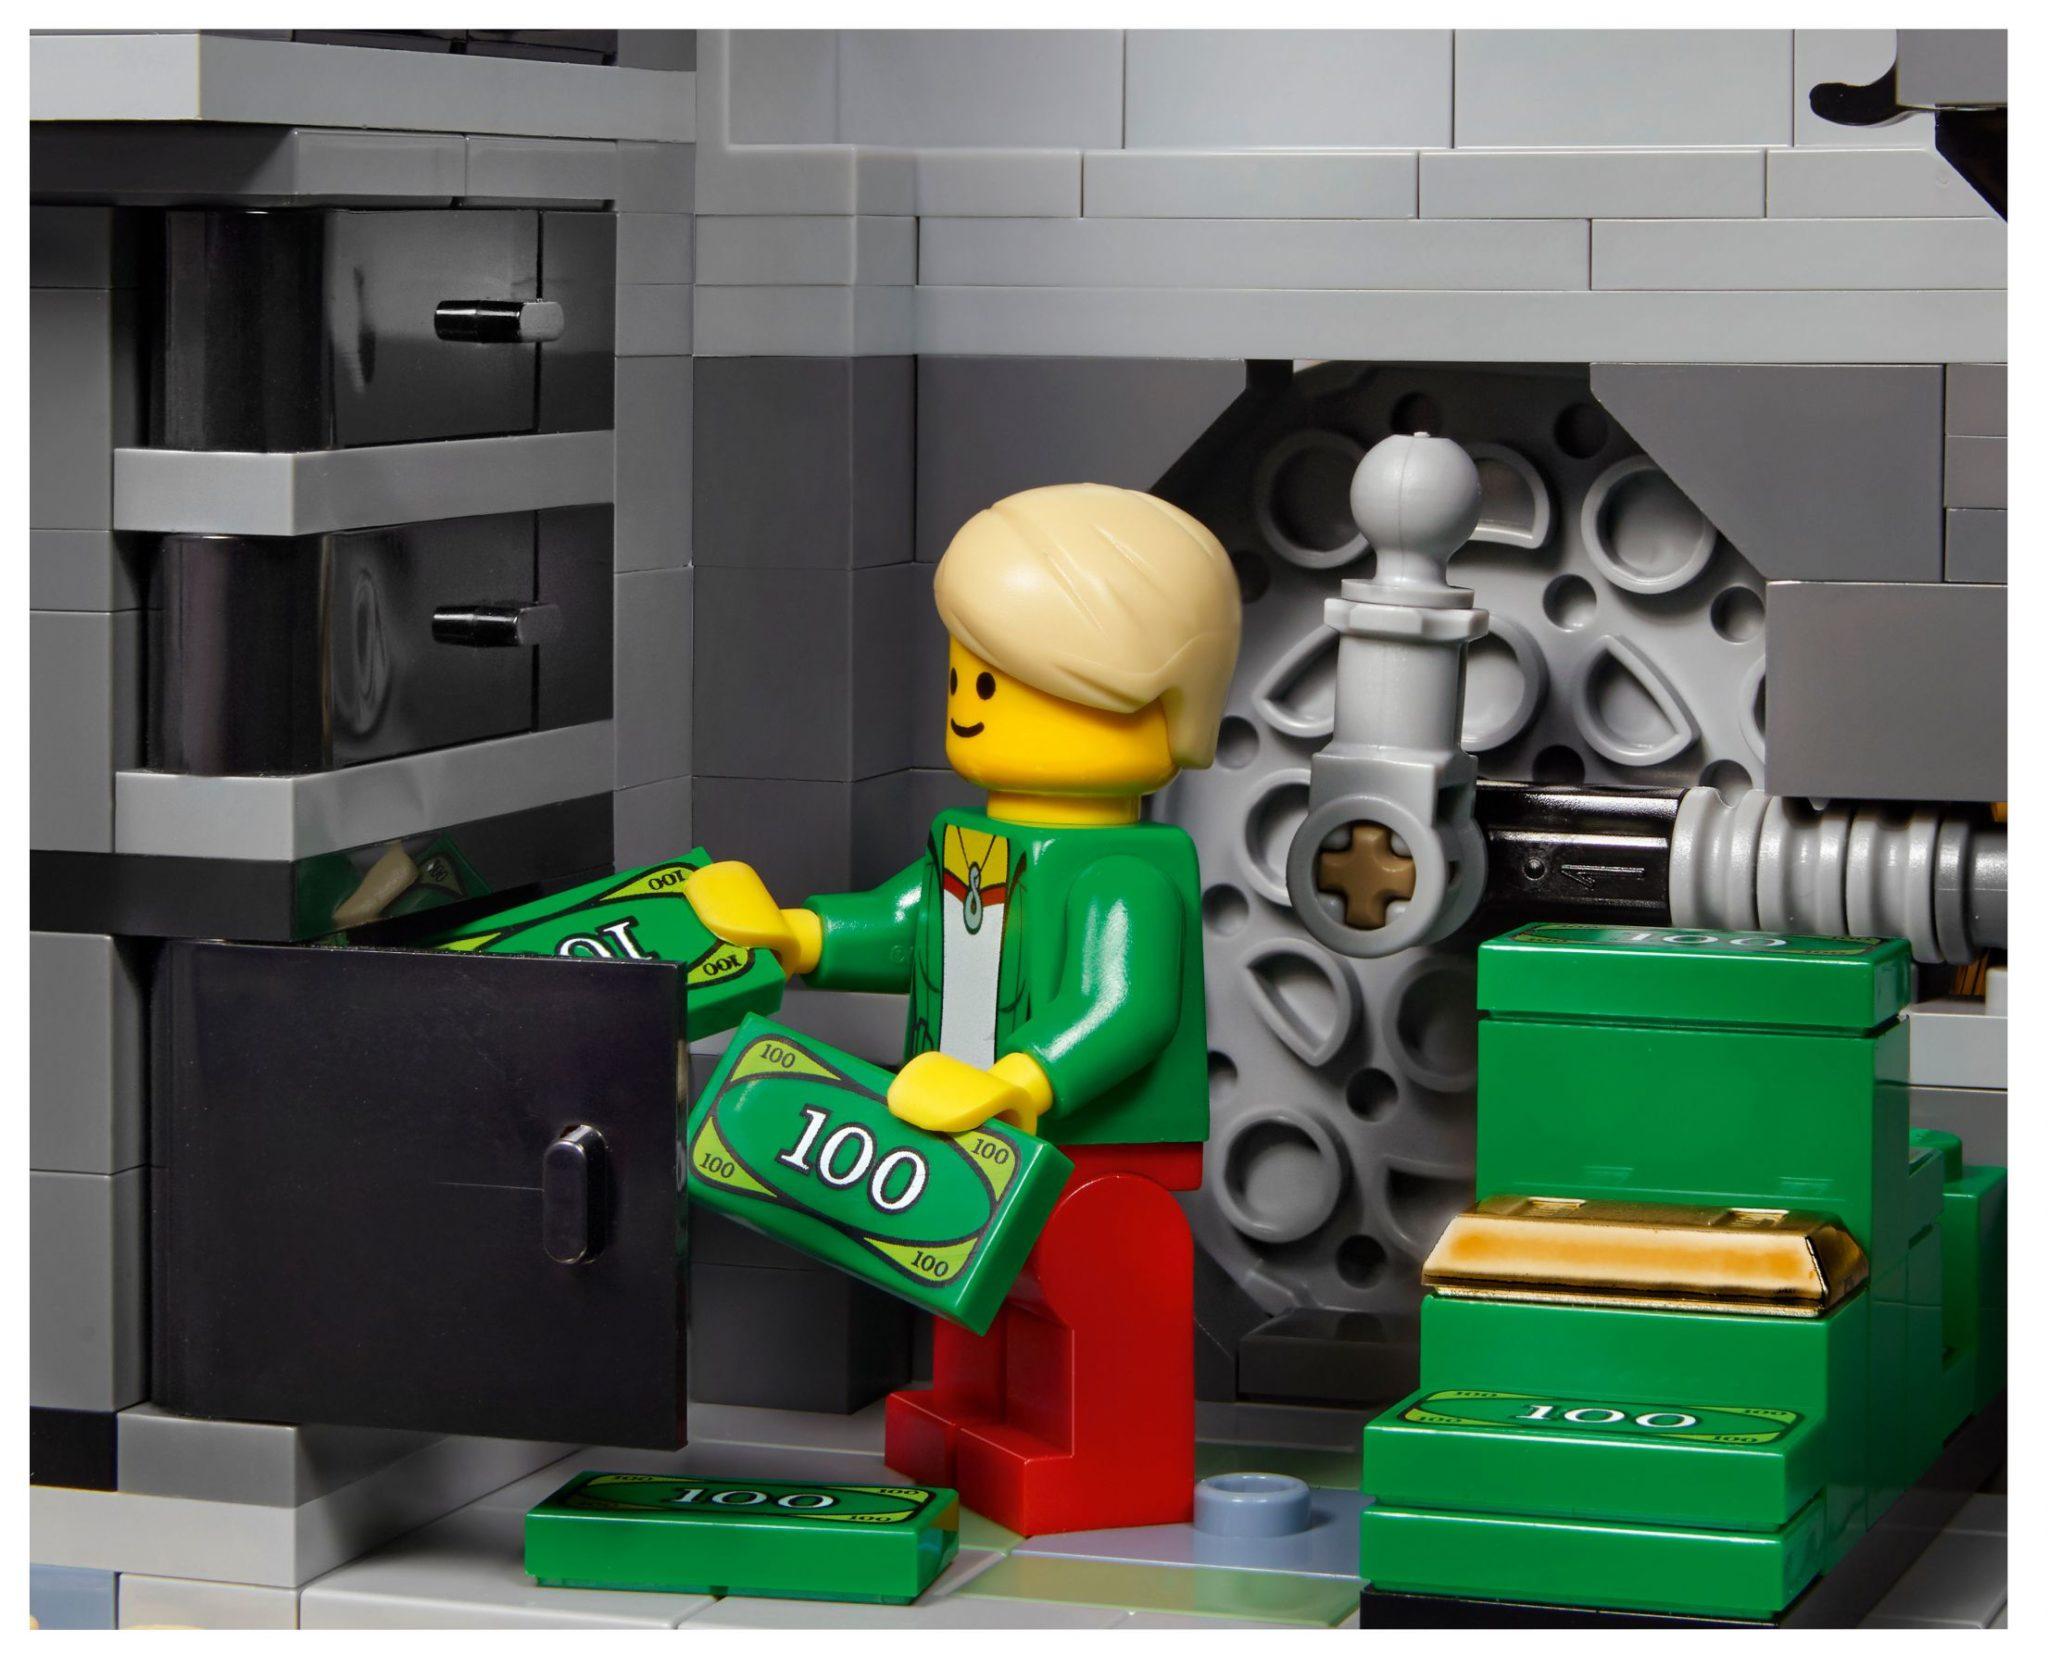 LEGO Ideas Paywall